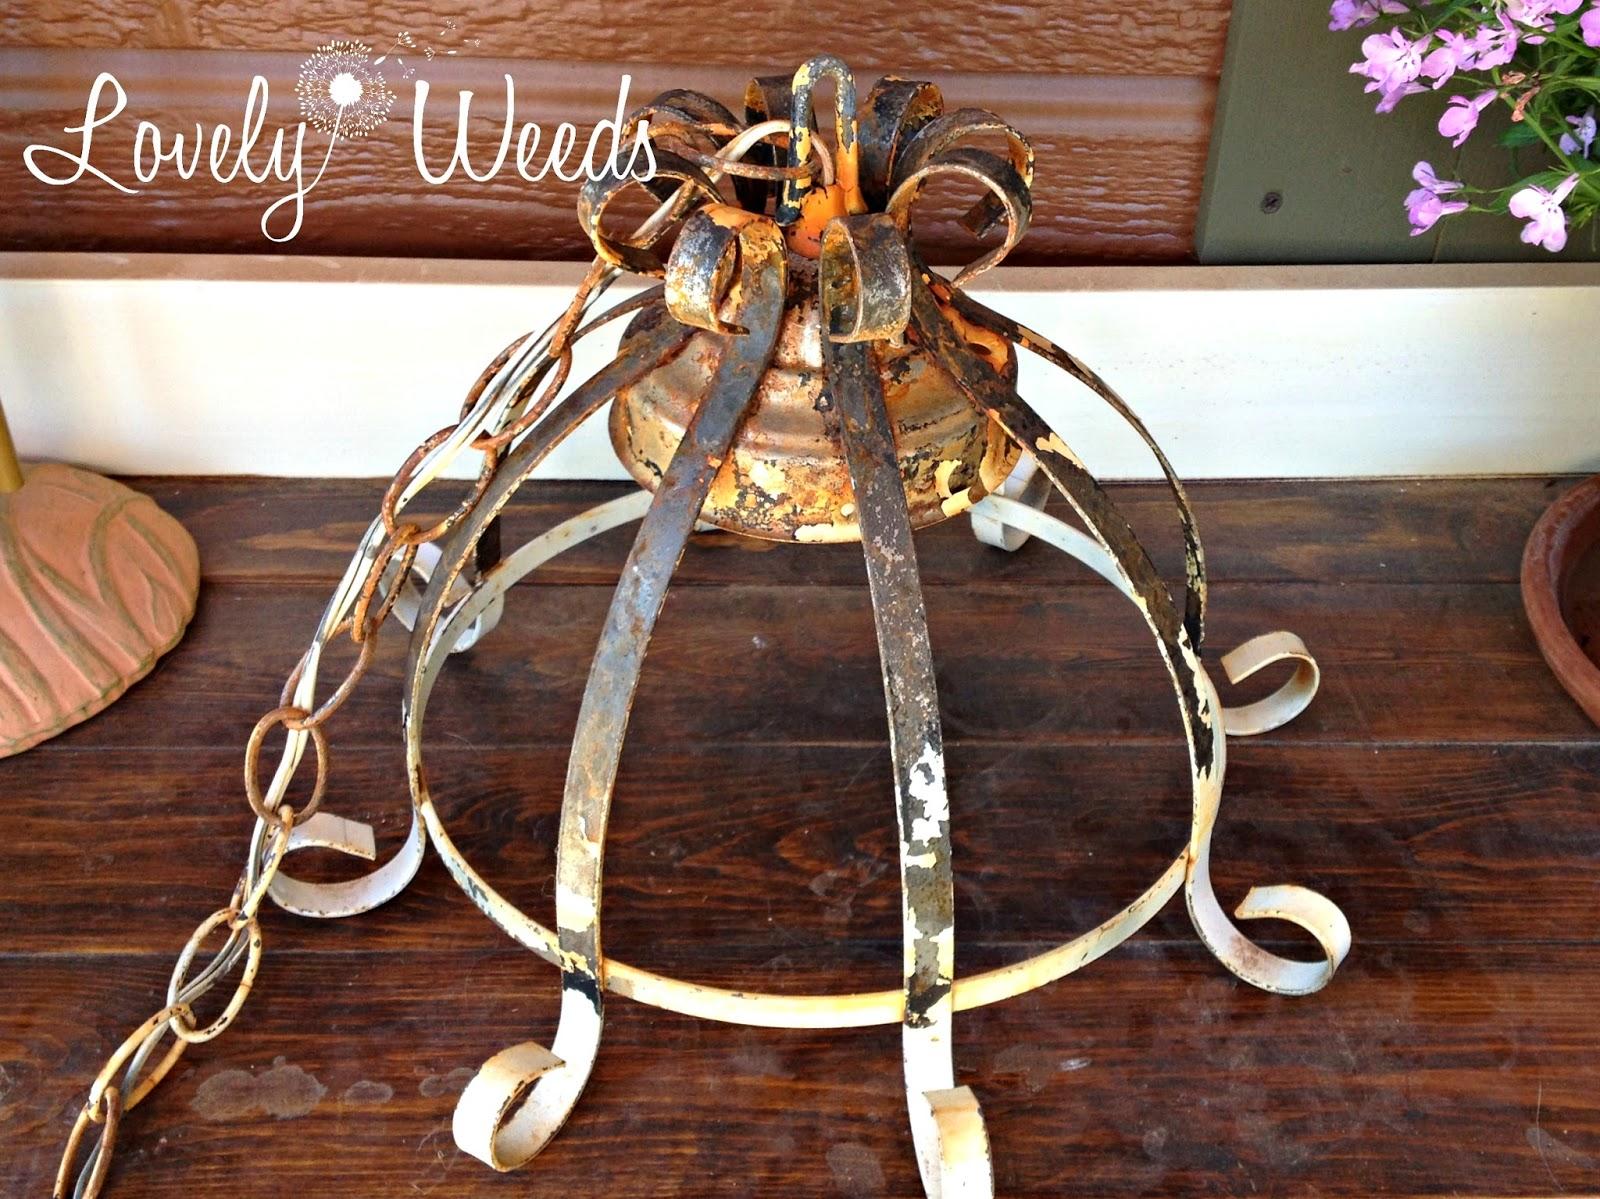 Solar light chandelier lovely weeds solar light chandelier arubaitofo Choice Image